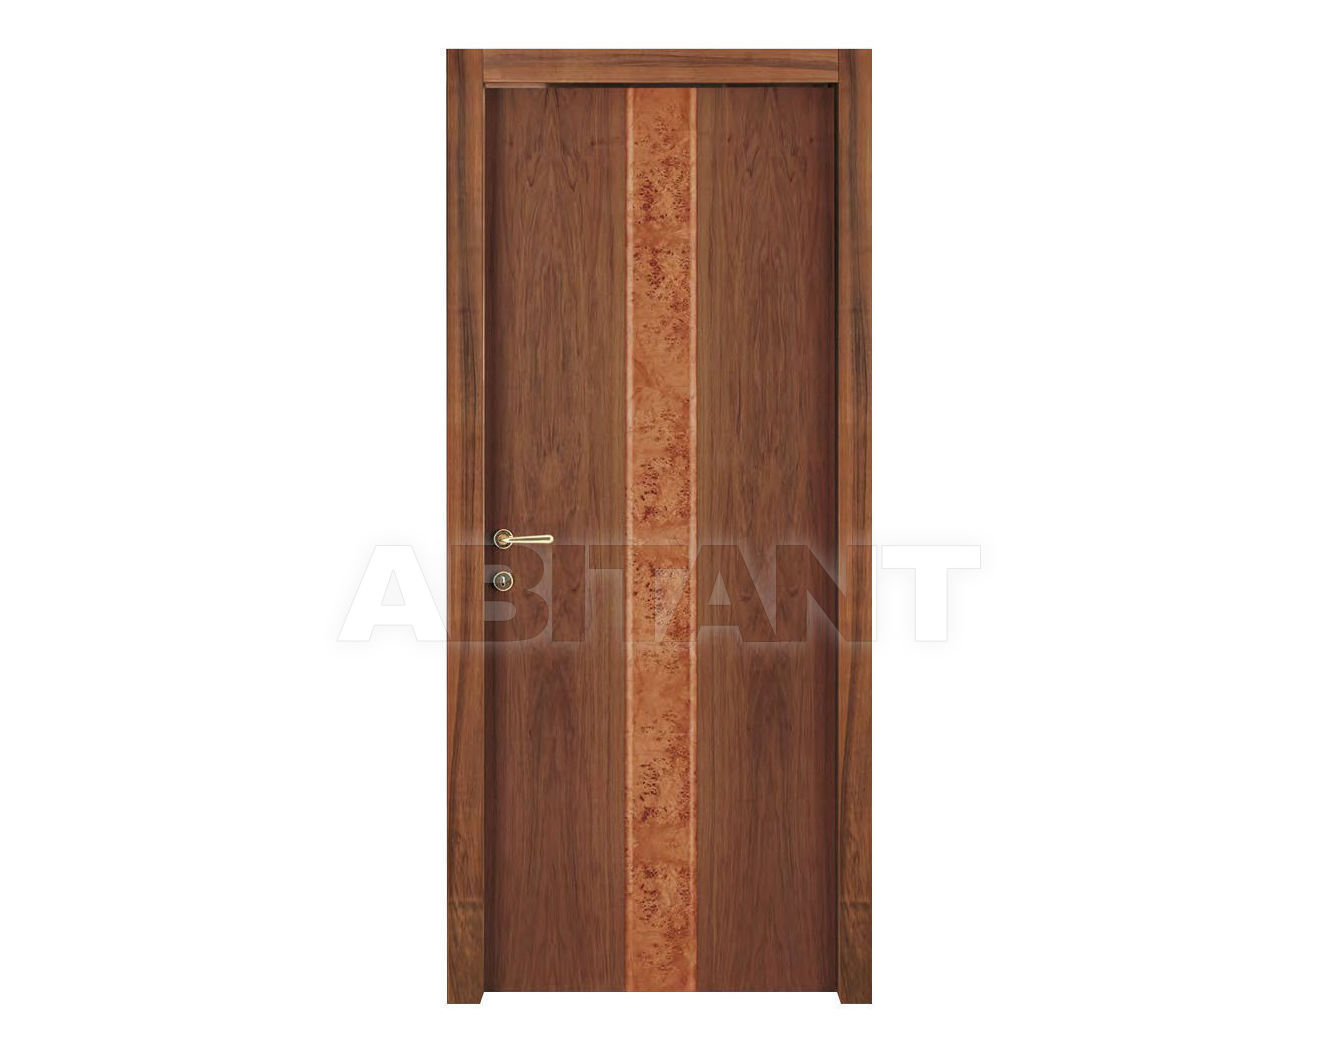 Купить Дверь деревянная Fioravazzi Lisce ANNA 1